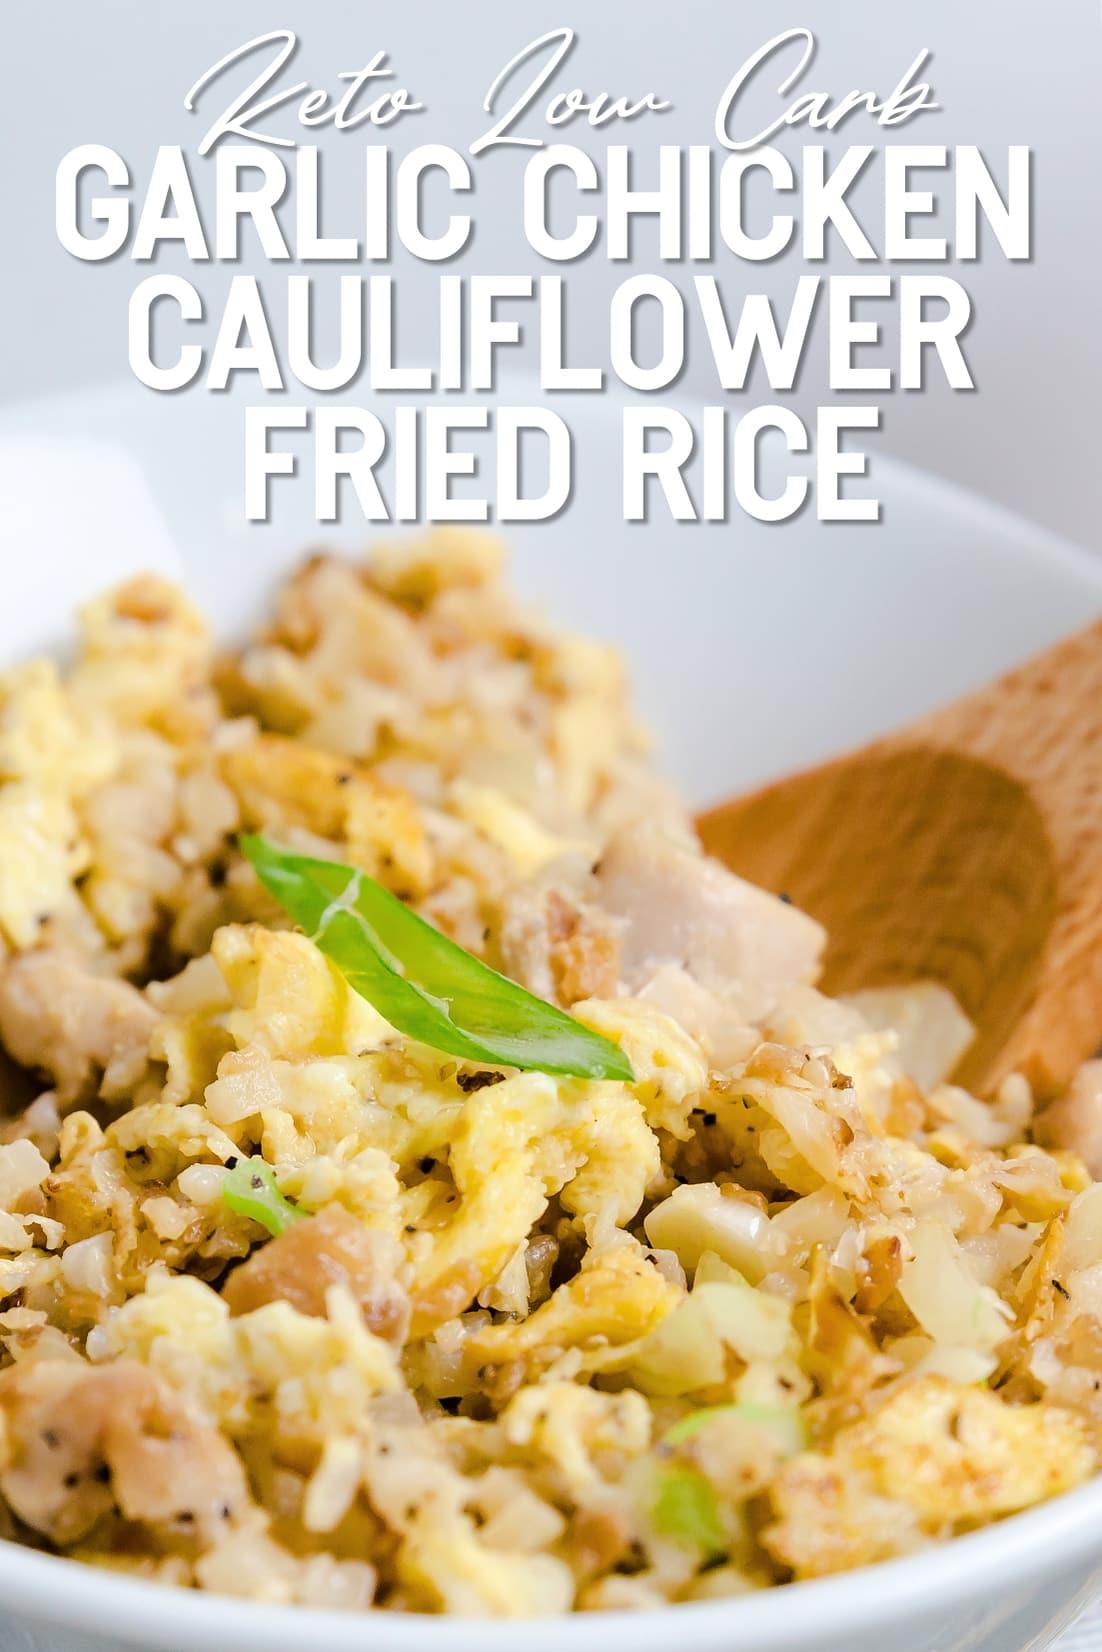 Garlic Chicken Cauliflower Fried Rice close up